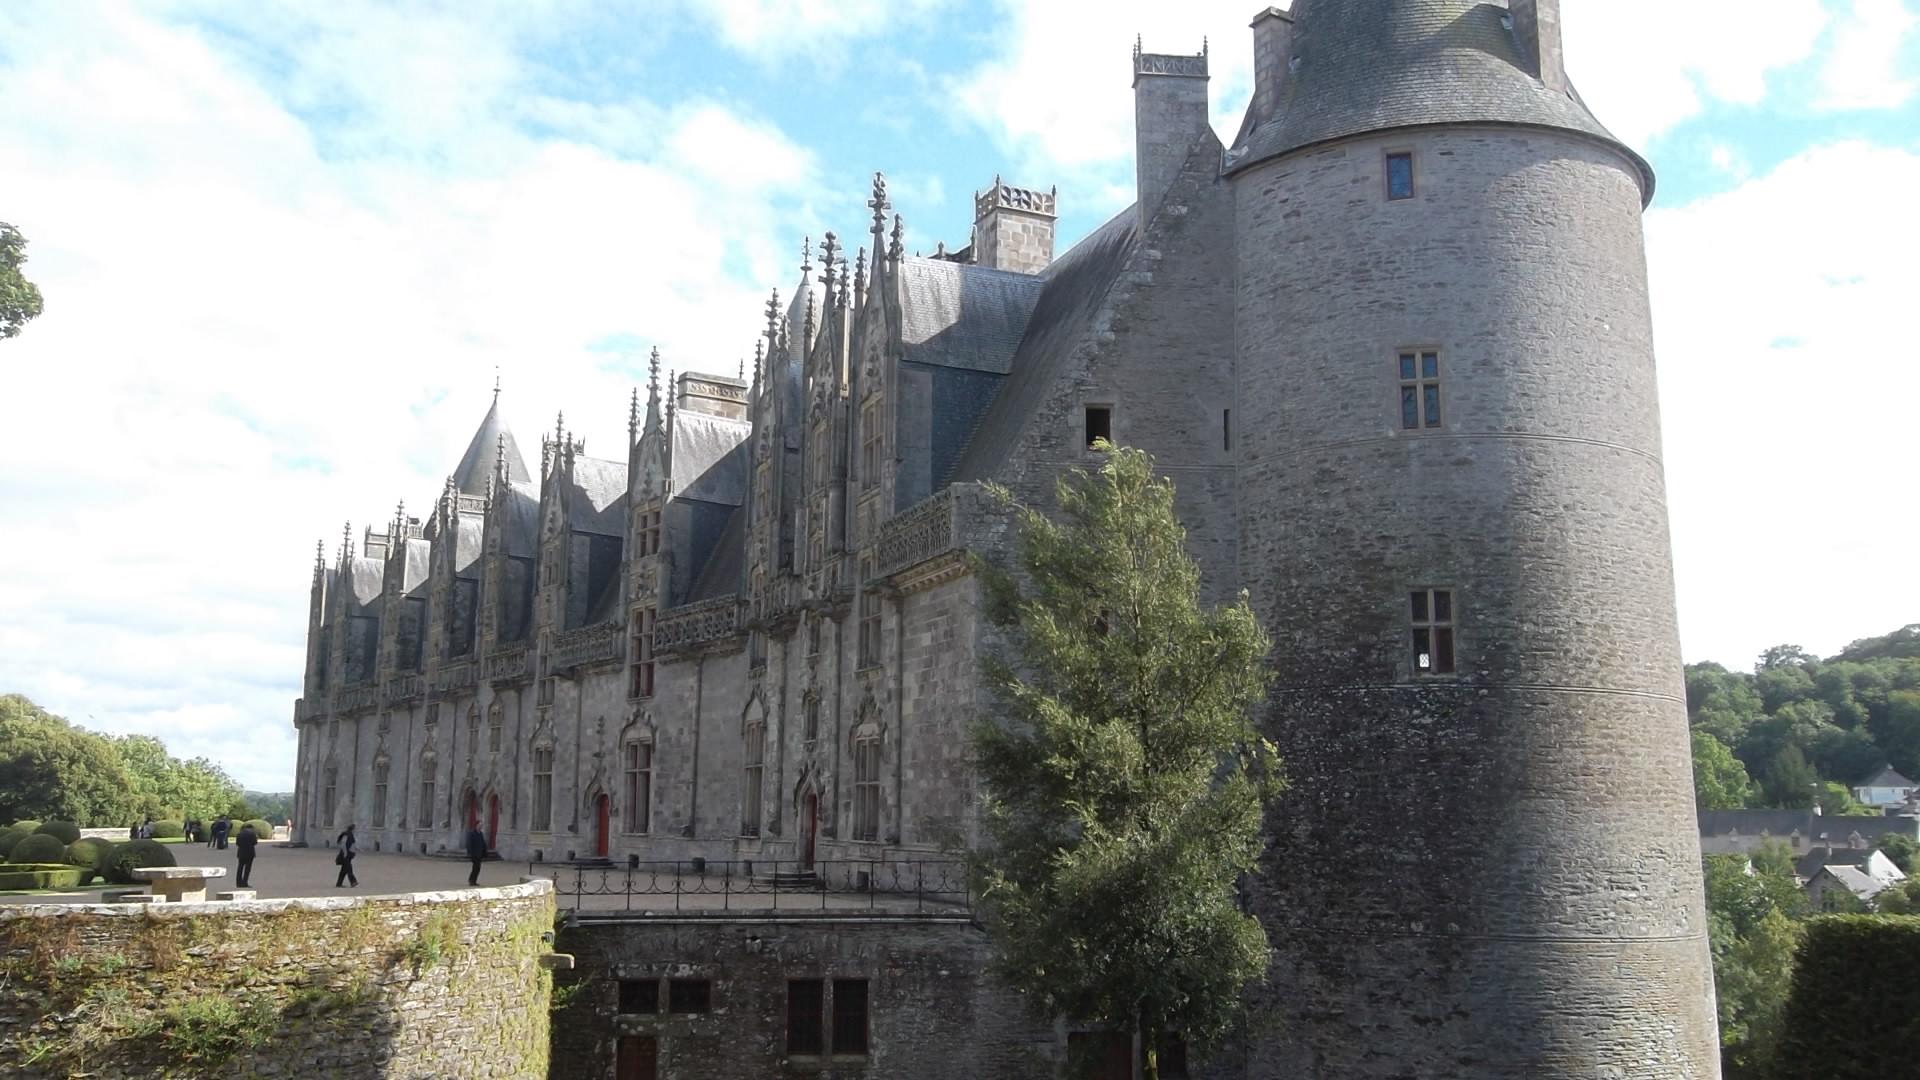 josselin-castle-rohan-alongside-river-oust-aug12